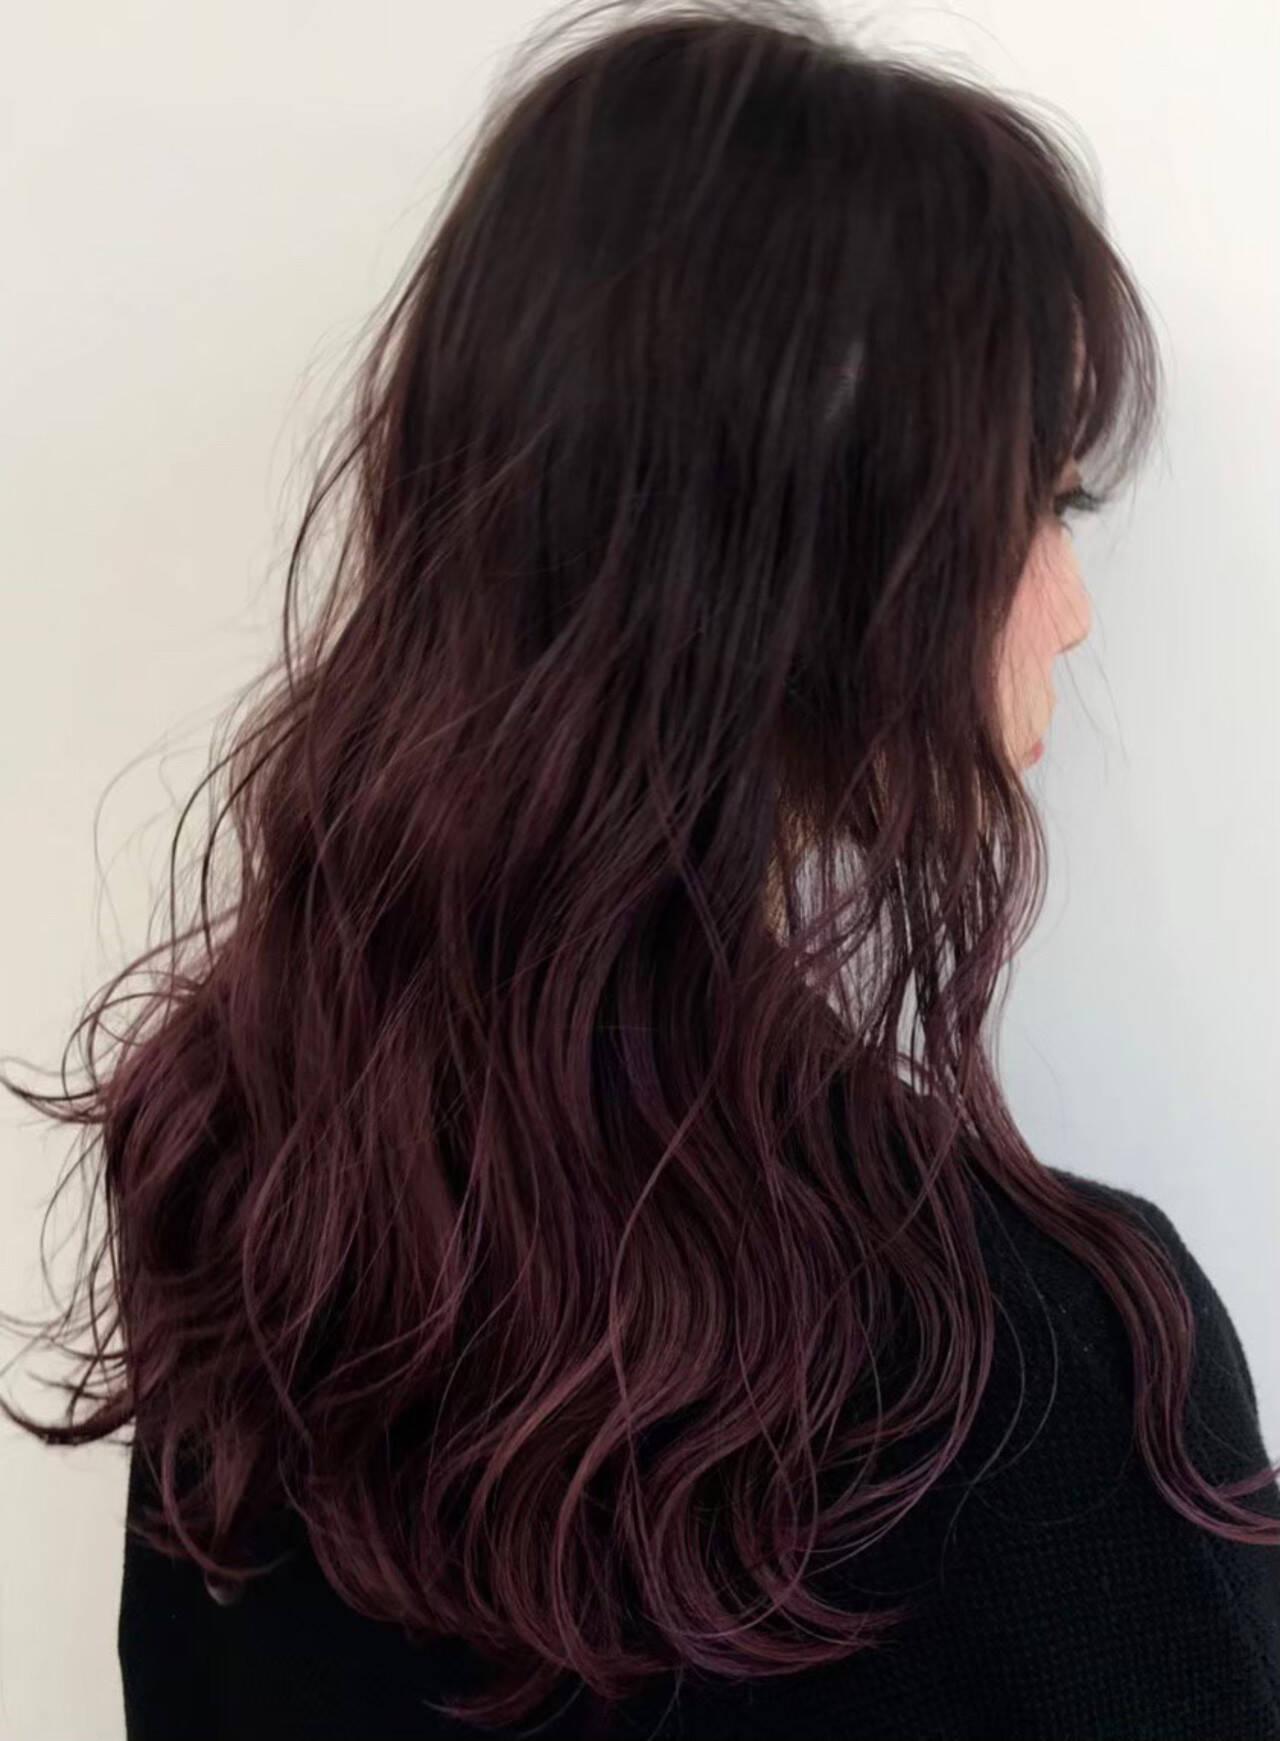 グラデーションカラー ストリート ゆるウェーブ ピンクバイオレットヘアスタイルや髪型の写真・画像